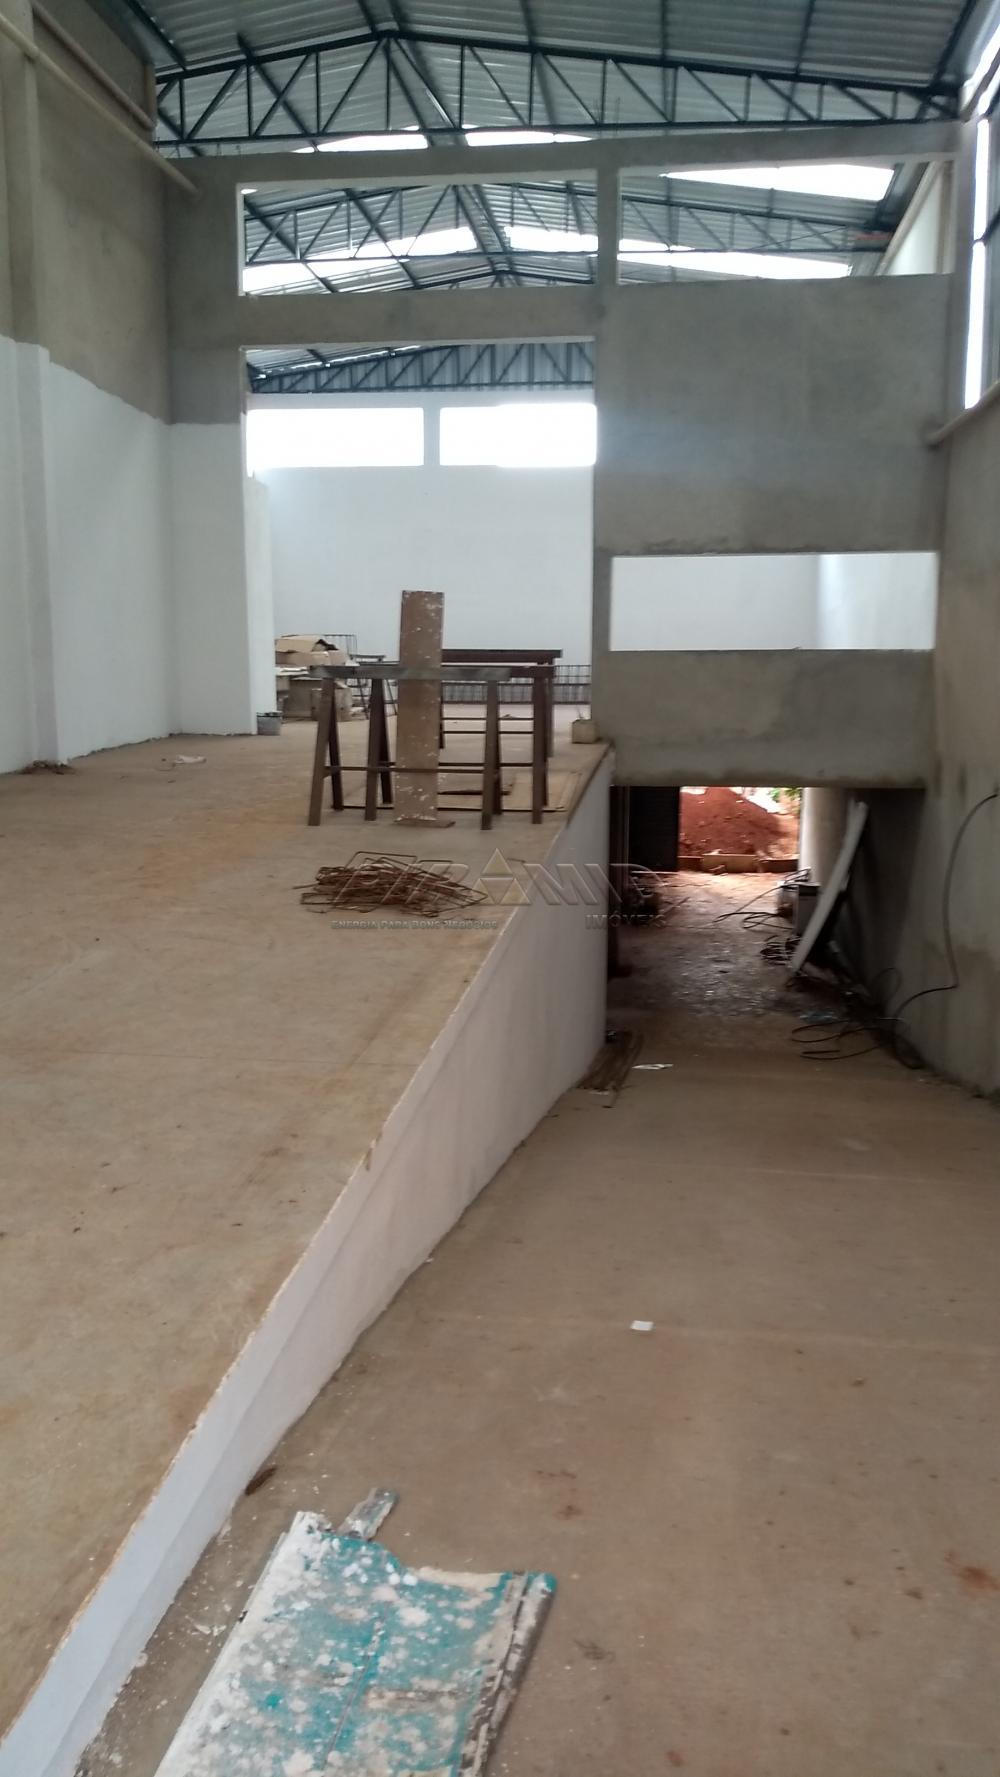 Alugar Comercial / Salão em Ribeirão Preto R$ 4.500,00 - Foto 5